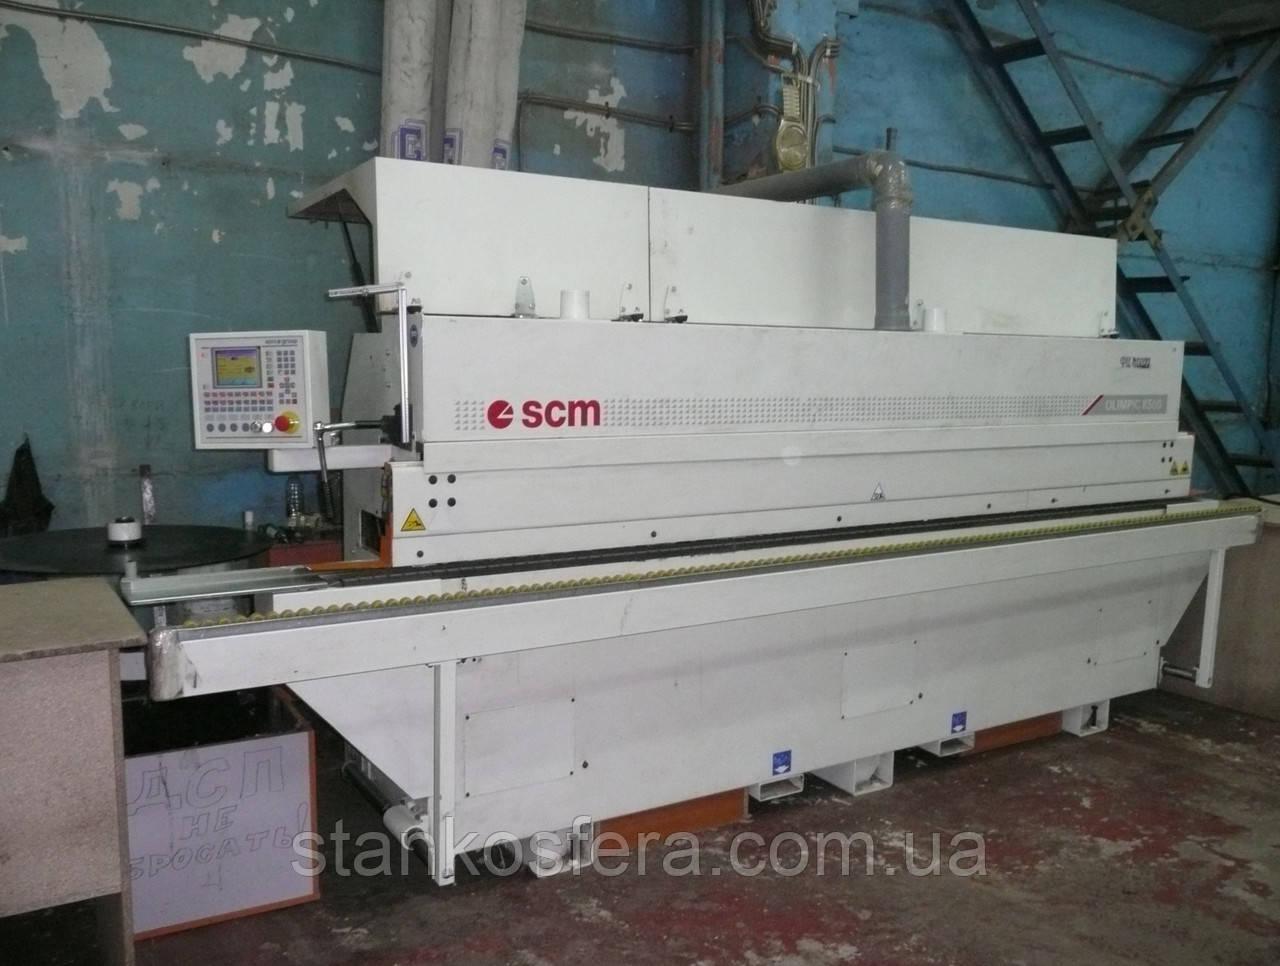 Кромкооблицовочный станок SCM Olimpic K500 б/у 2008 года